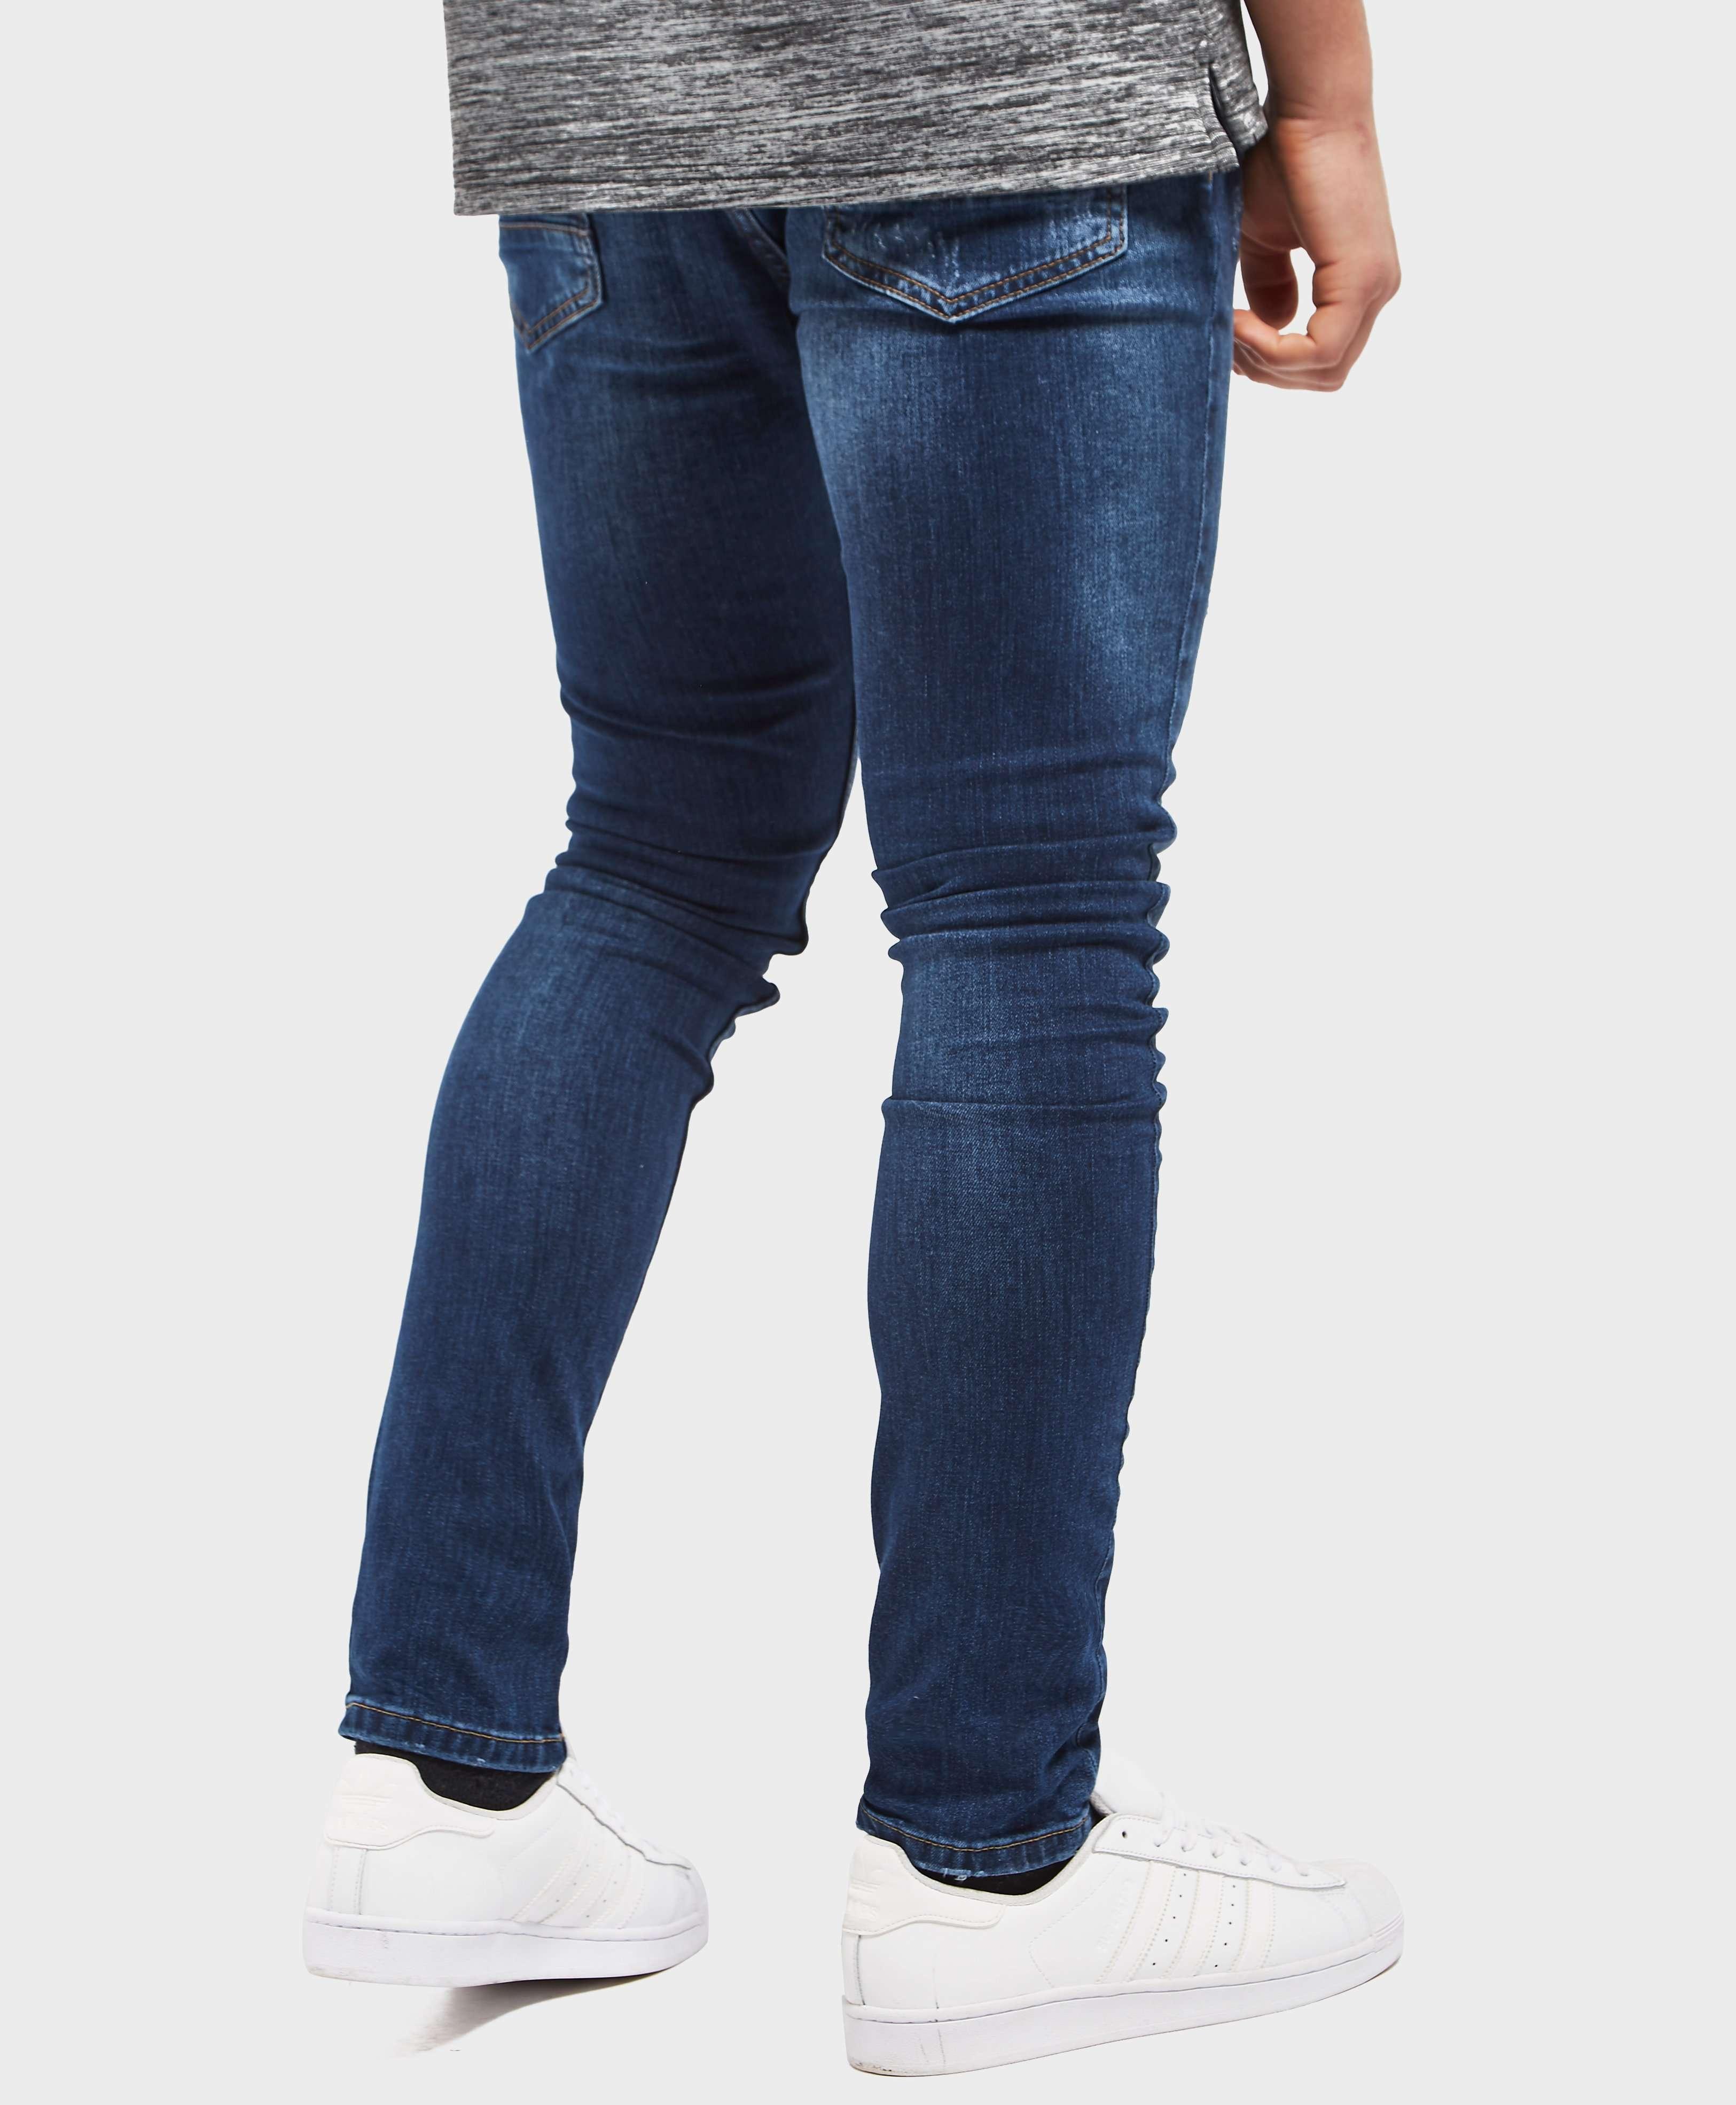 One True Saxon Rip Repair Skinny Jeans - Exclusive